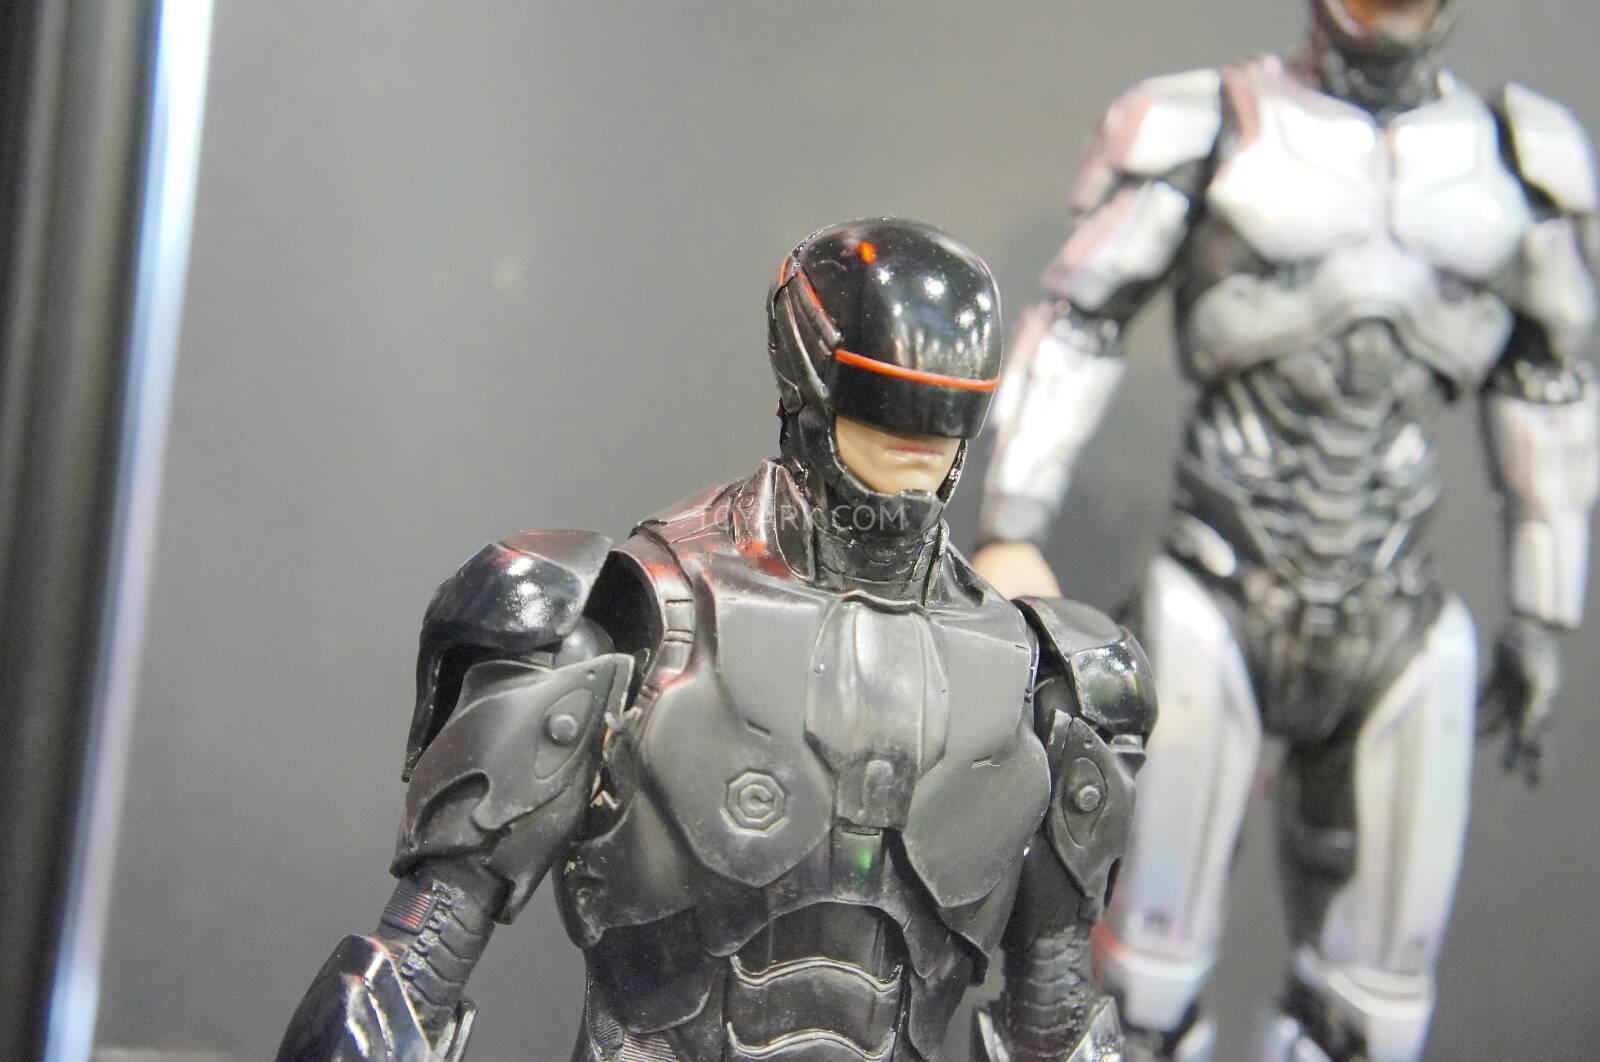 [ThreeZero] Robocop 2014 V3.0 - 1/6 Scale Toy-Fair-2014-ThreeZero-Robocop-005